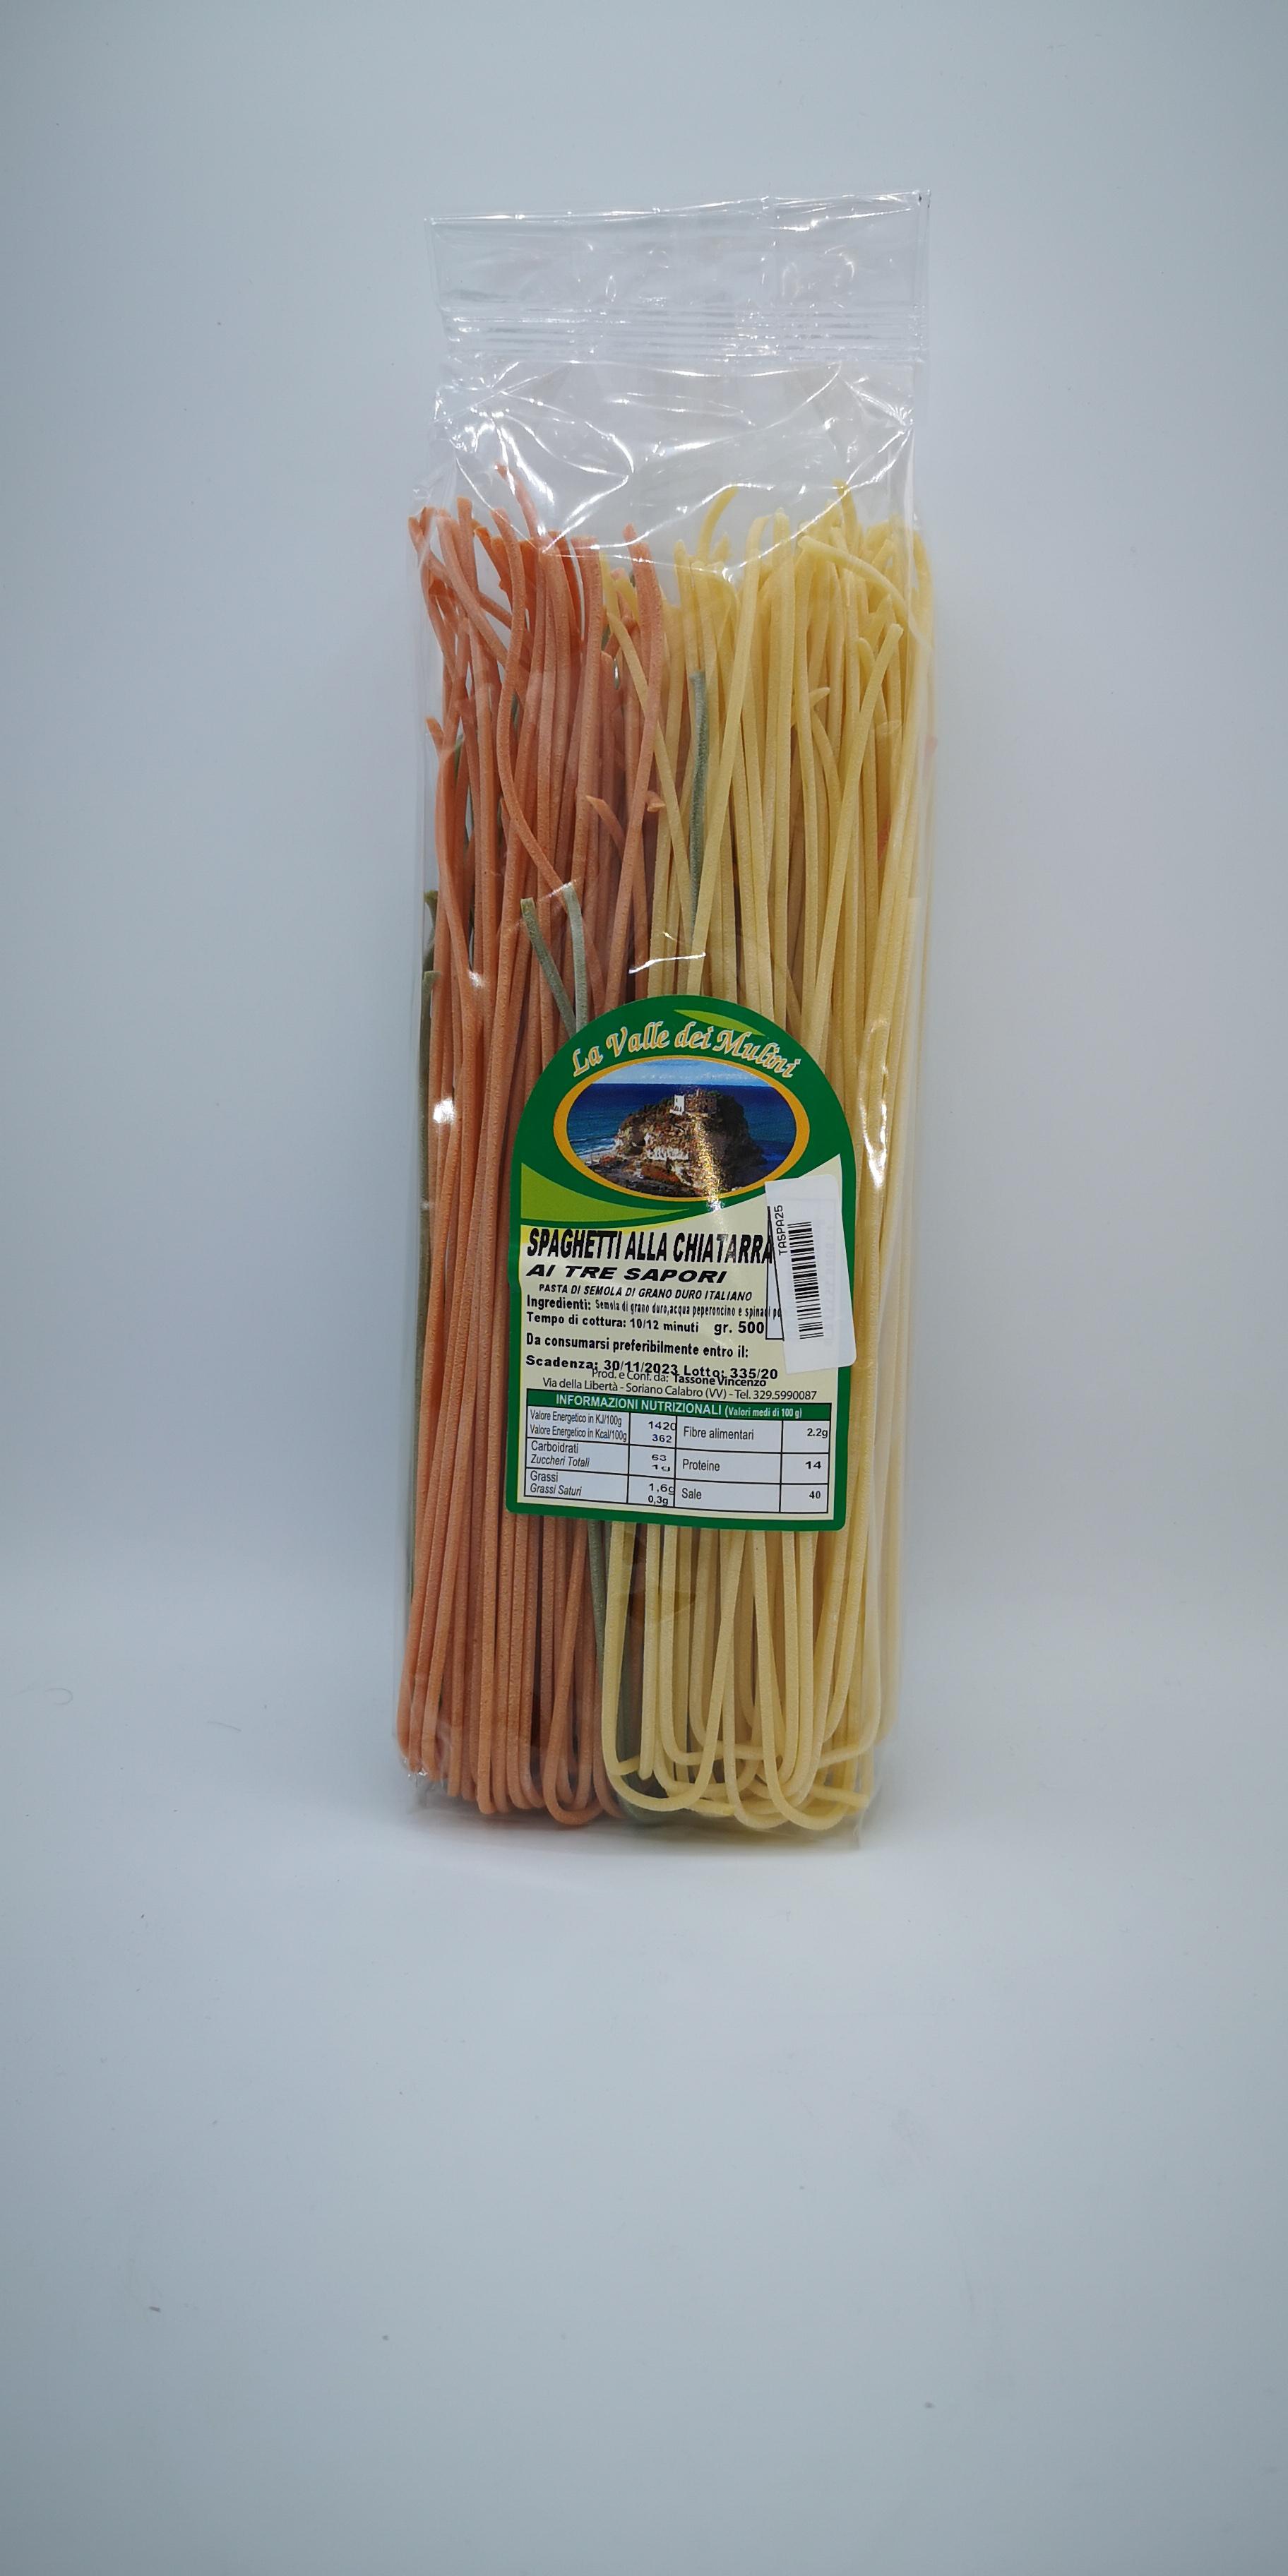 La Valle Dei Mulini Spaghetti alla Chitarra ai Tre Sapori GR.500